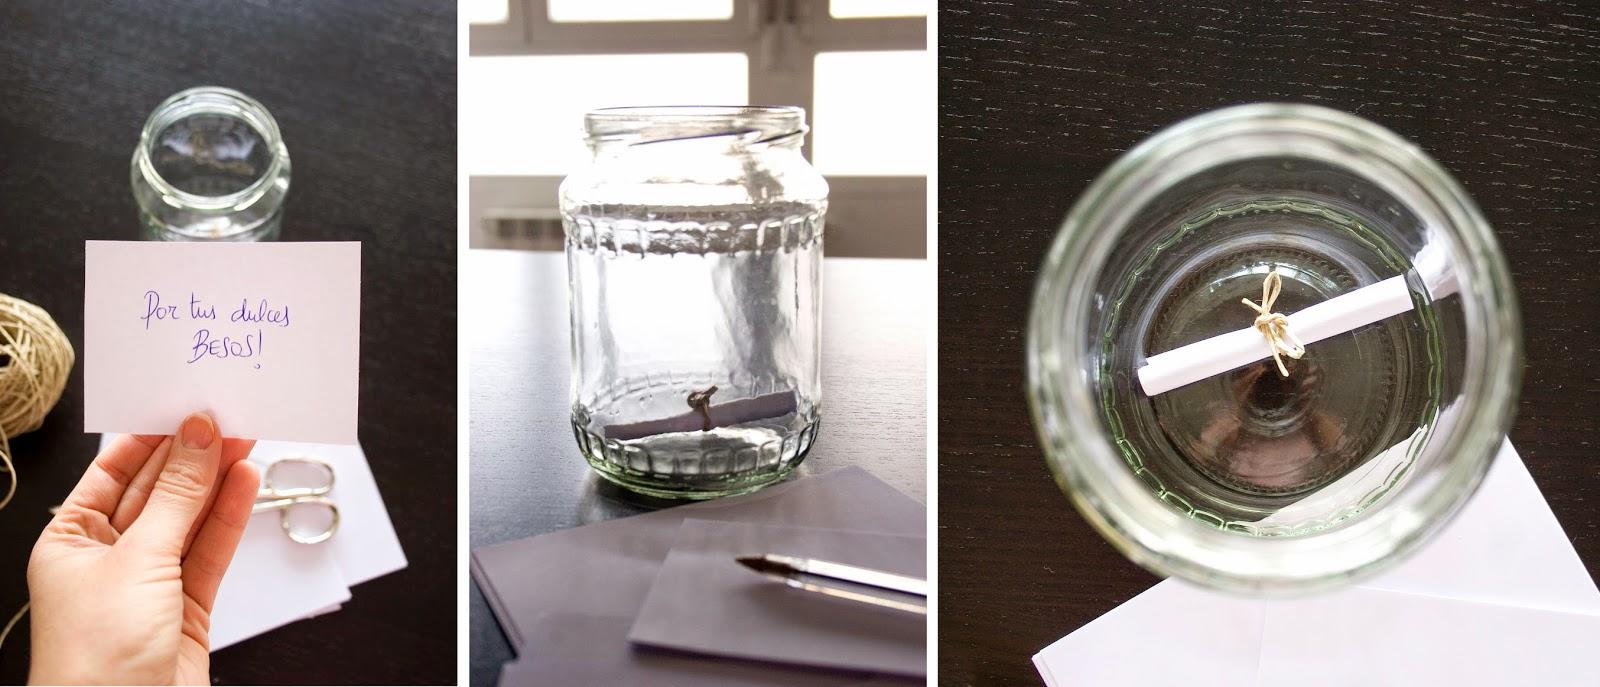 Regalo handmade para San Valentín hecho con bote de cristal y mensajes3